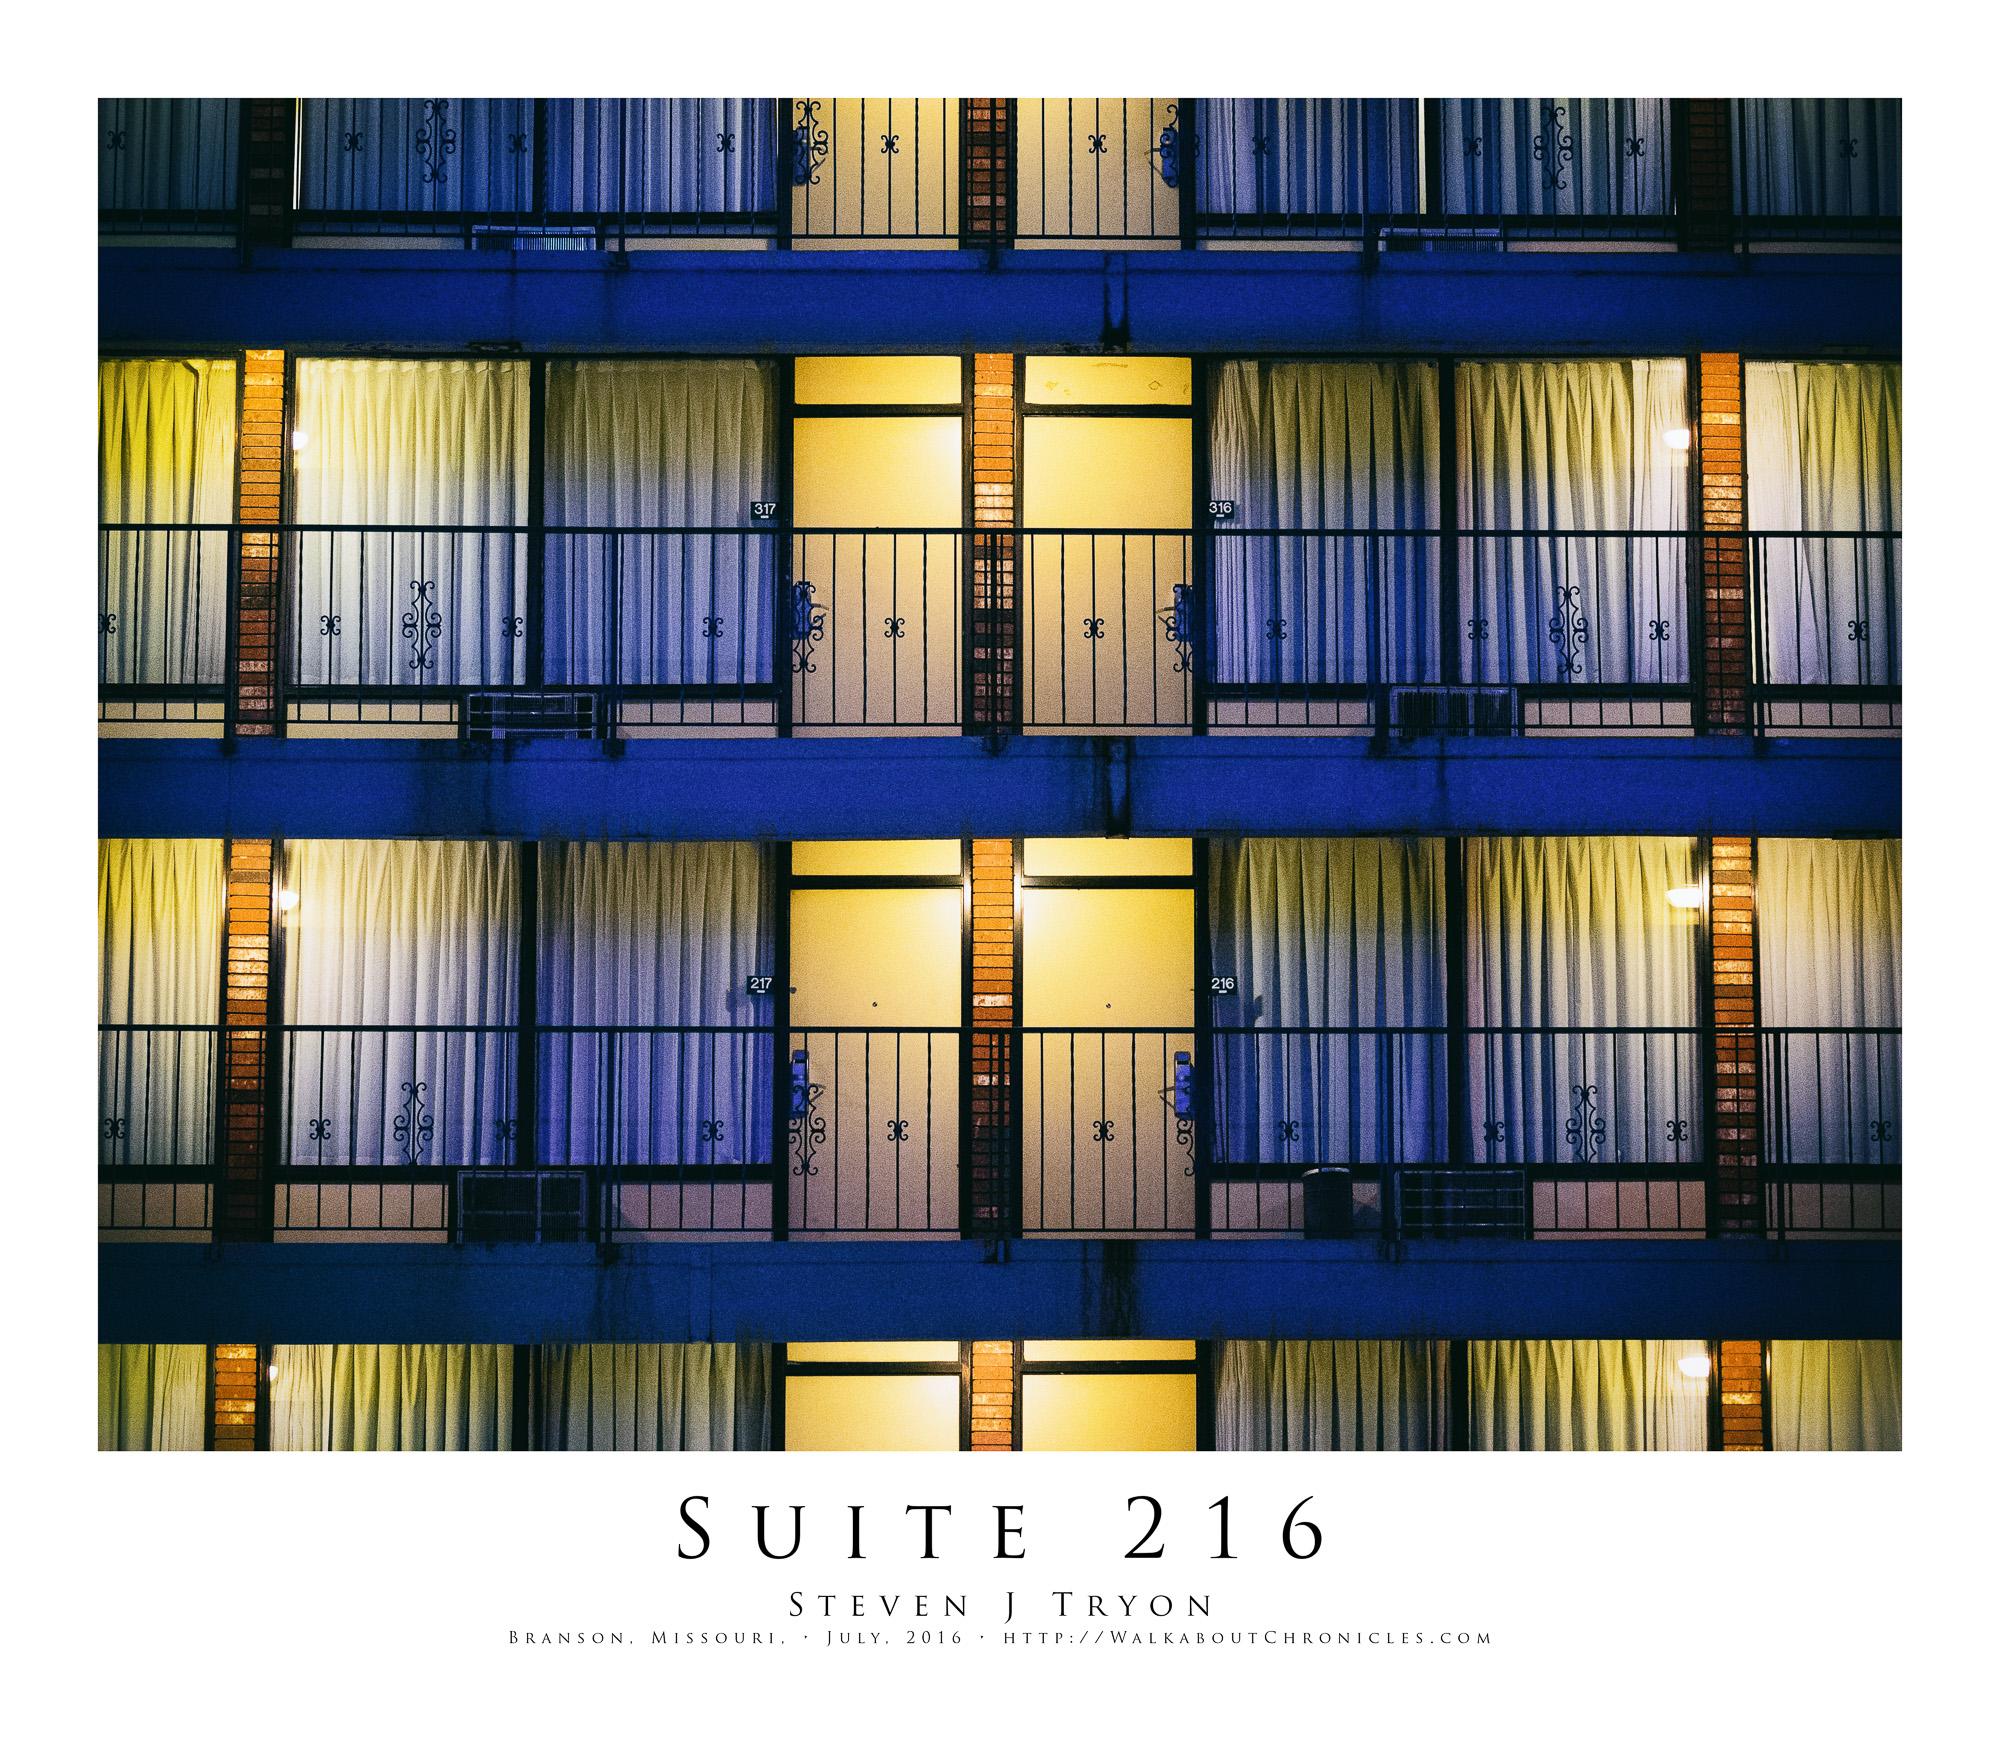 Suite 216